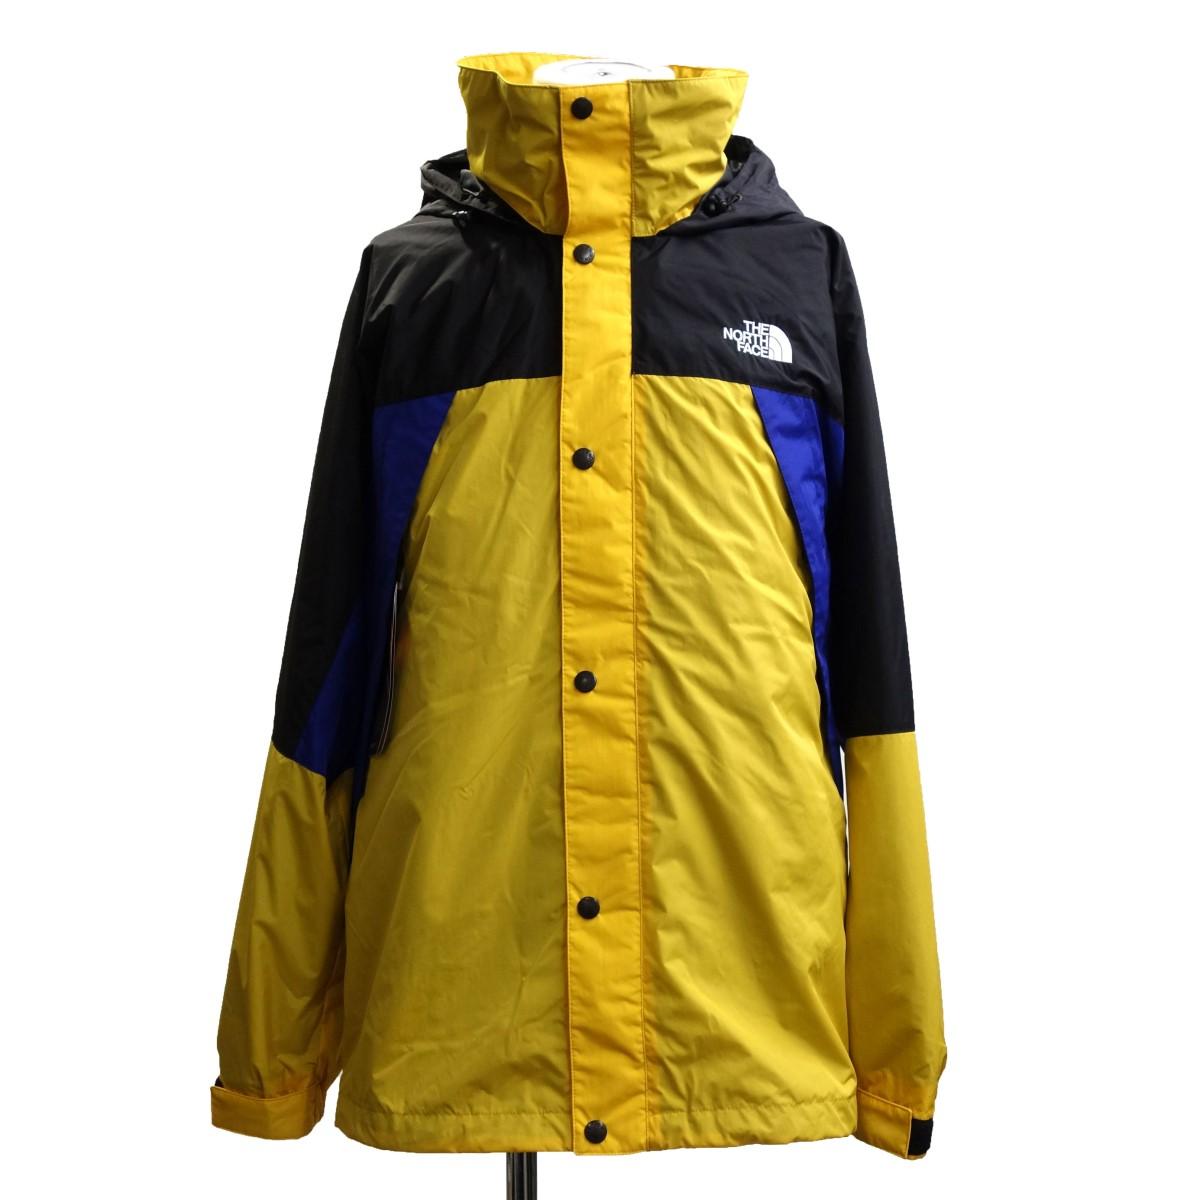 【中古】THE NORTH FACE 「XXX Triclimate Jacket」 トリプルエックストリクライメイトジャケット イエロー×ブラック サイズ:M 【160620】(ザノースフェイス)